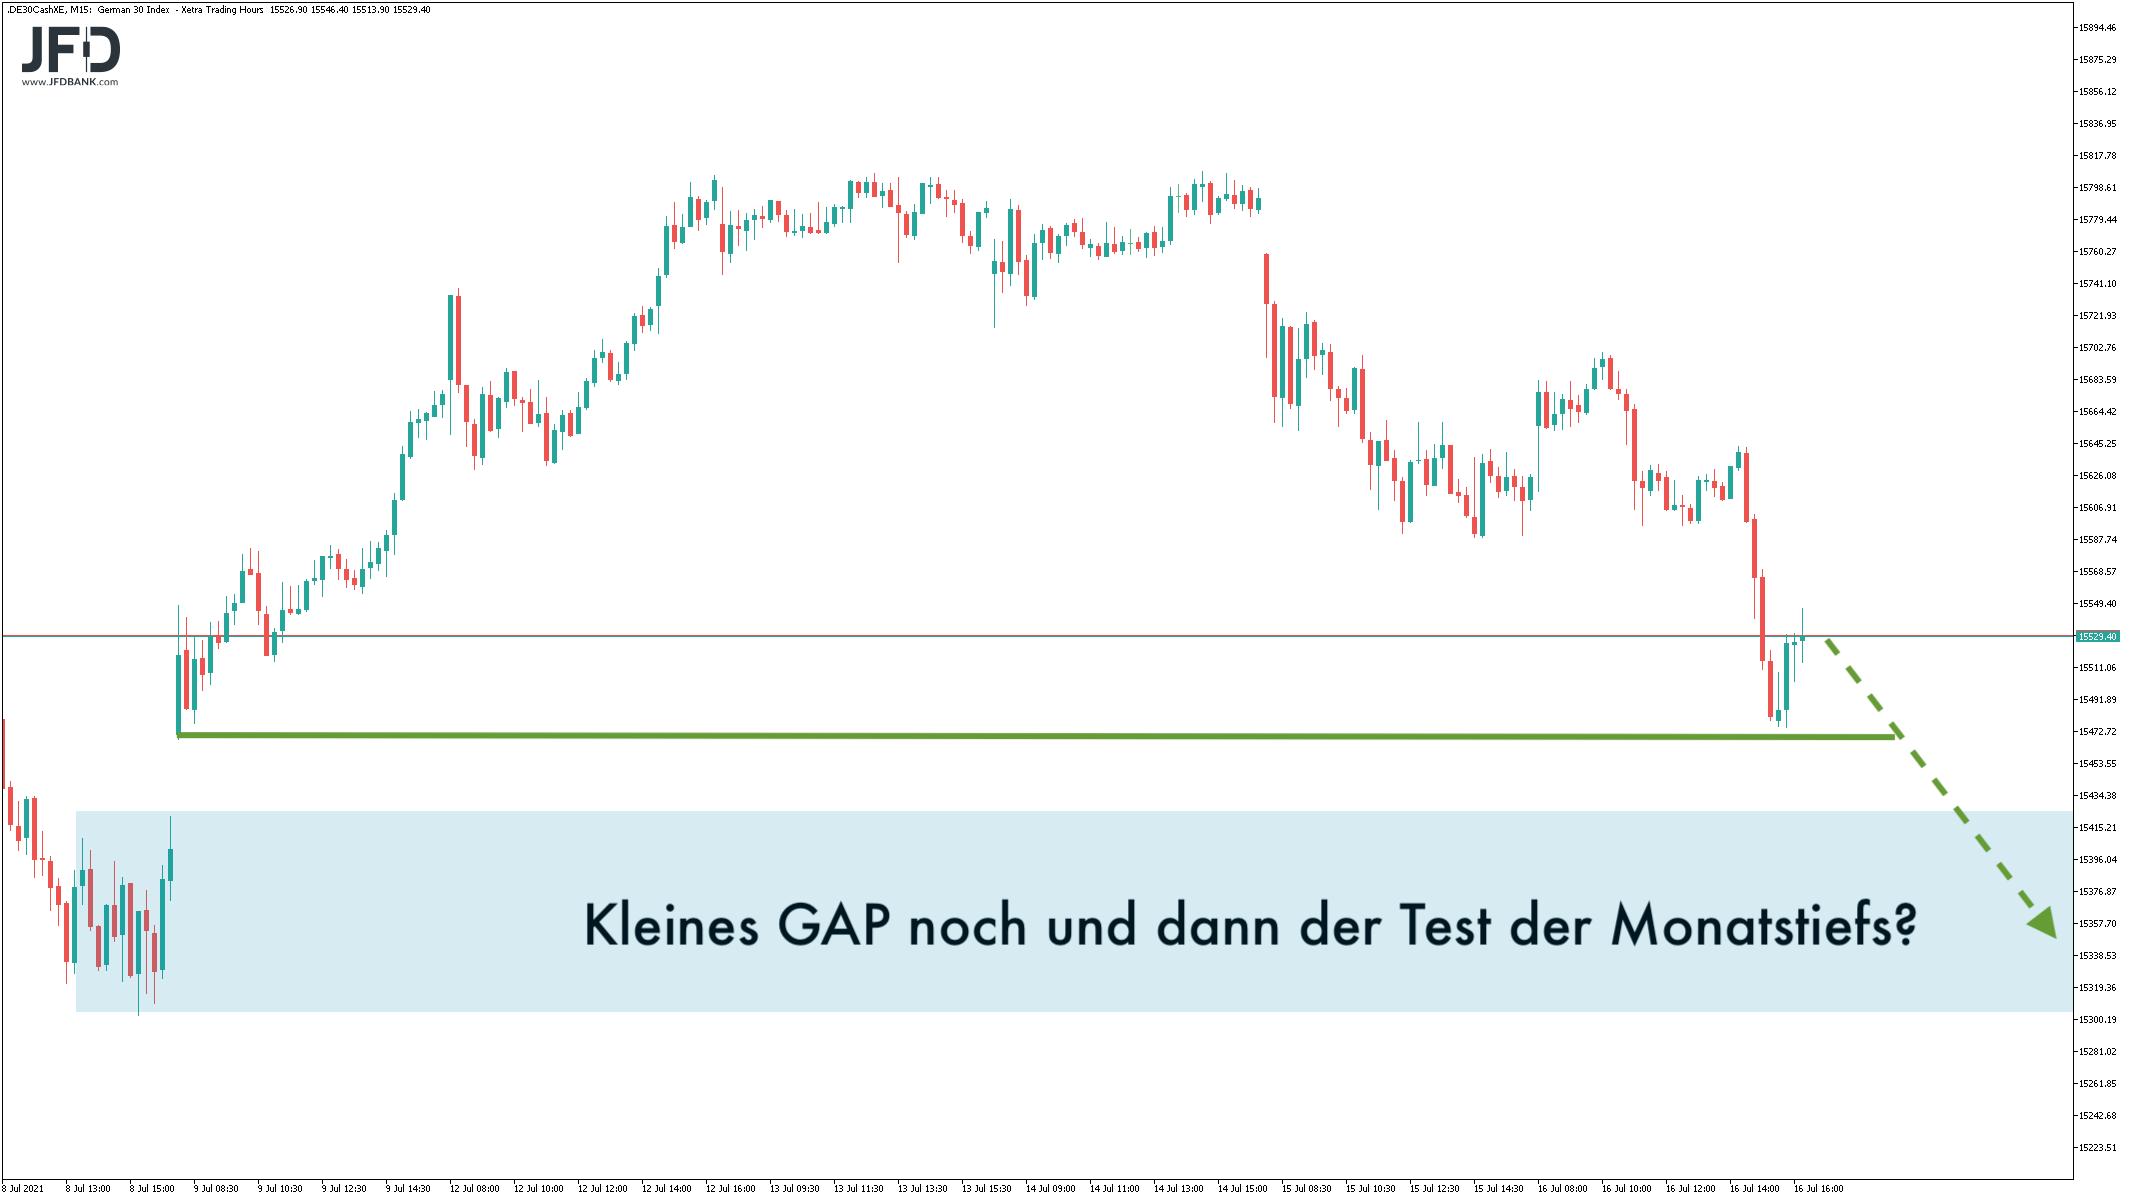 Dominiert-das-größere-Signal-im-DAX-heute-weiter-Kommentar-JFD-Bank-GodmodeTrader.de-1